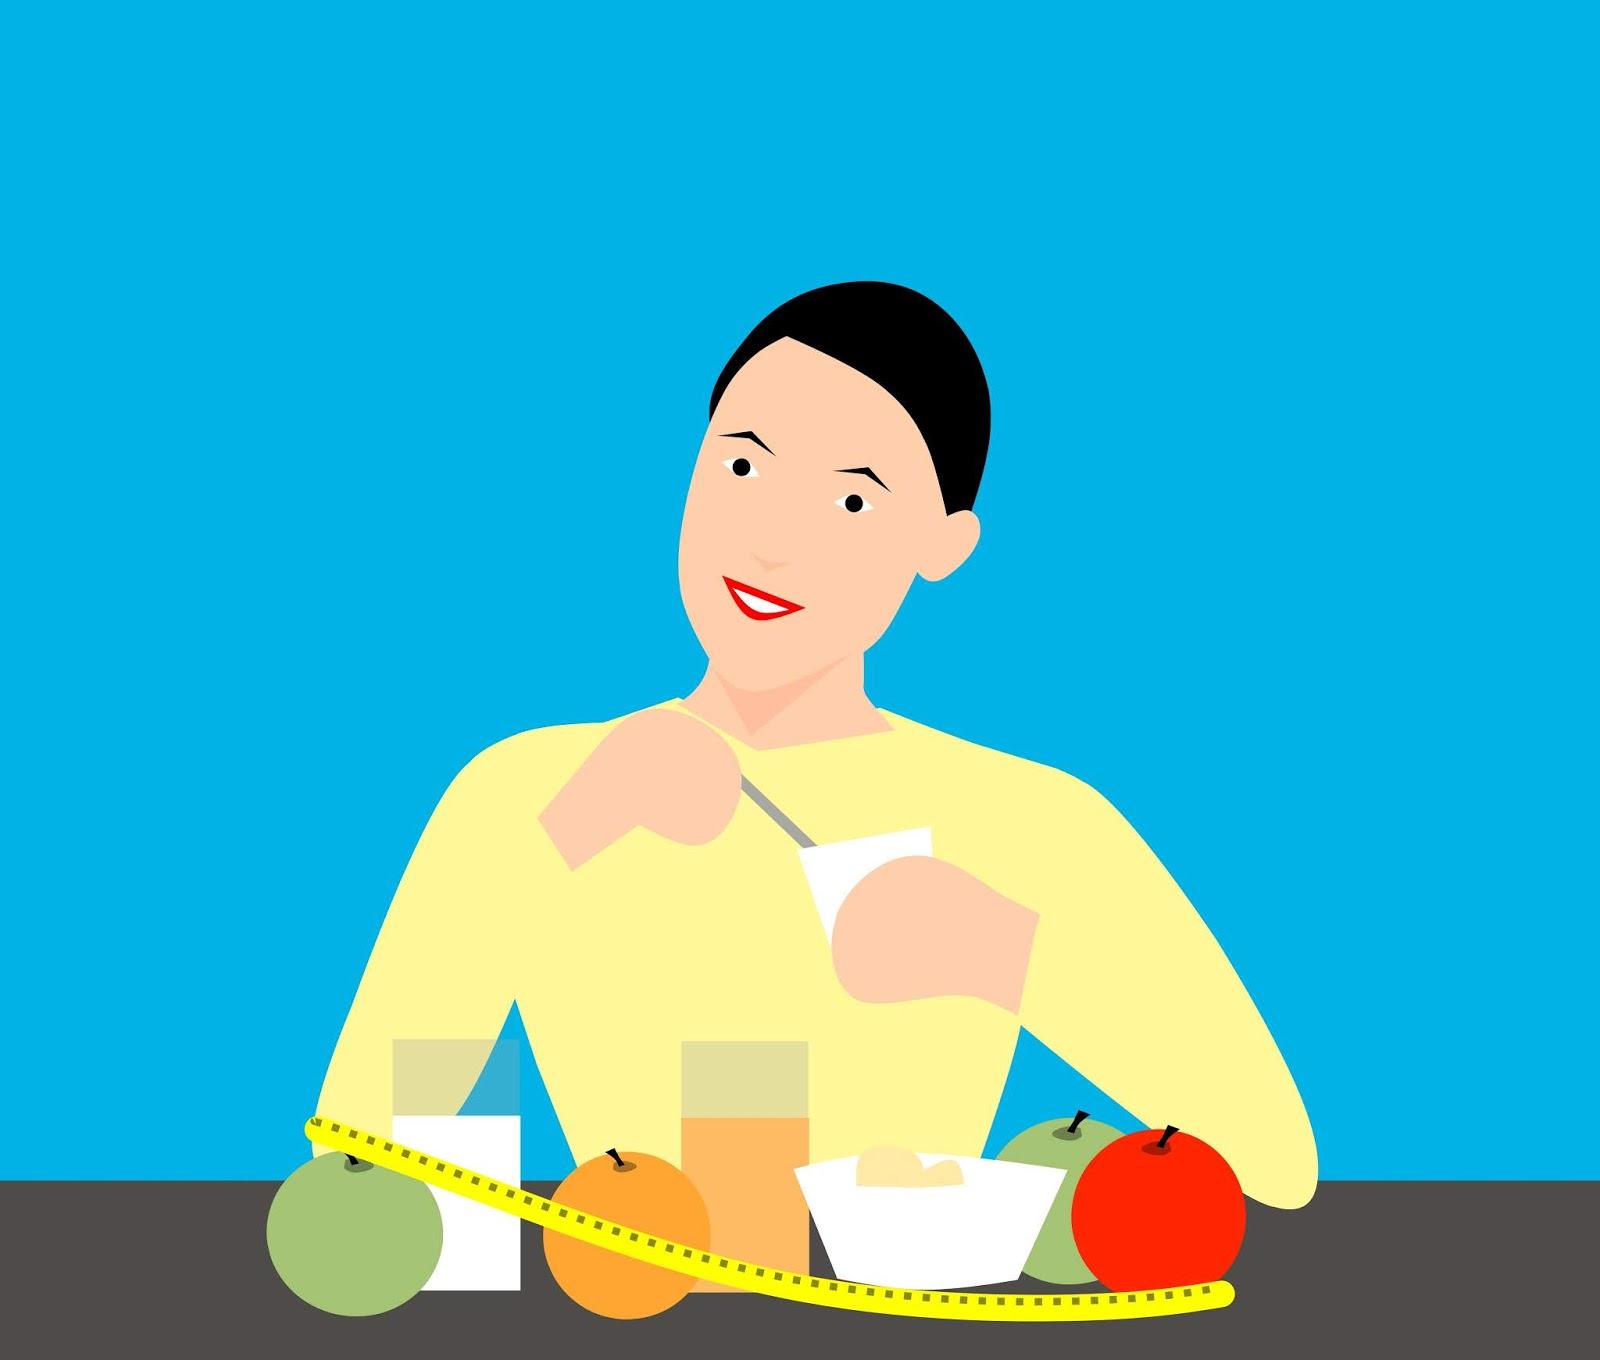 breakfast, diet, woman, apple, balanced, beautiful, calories, dietary, dieting, eating, energy, food, fruits, happy, healthy, juice, meal, milk, natural, slim, smiling, variety, vitamins, weightloss, yogurt